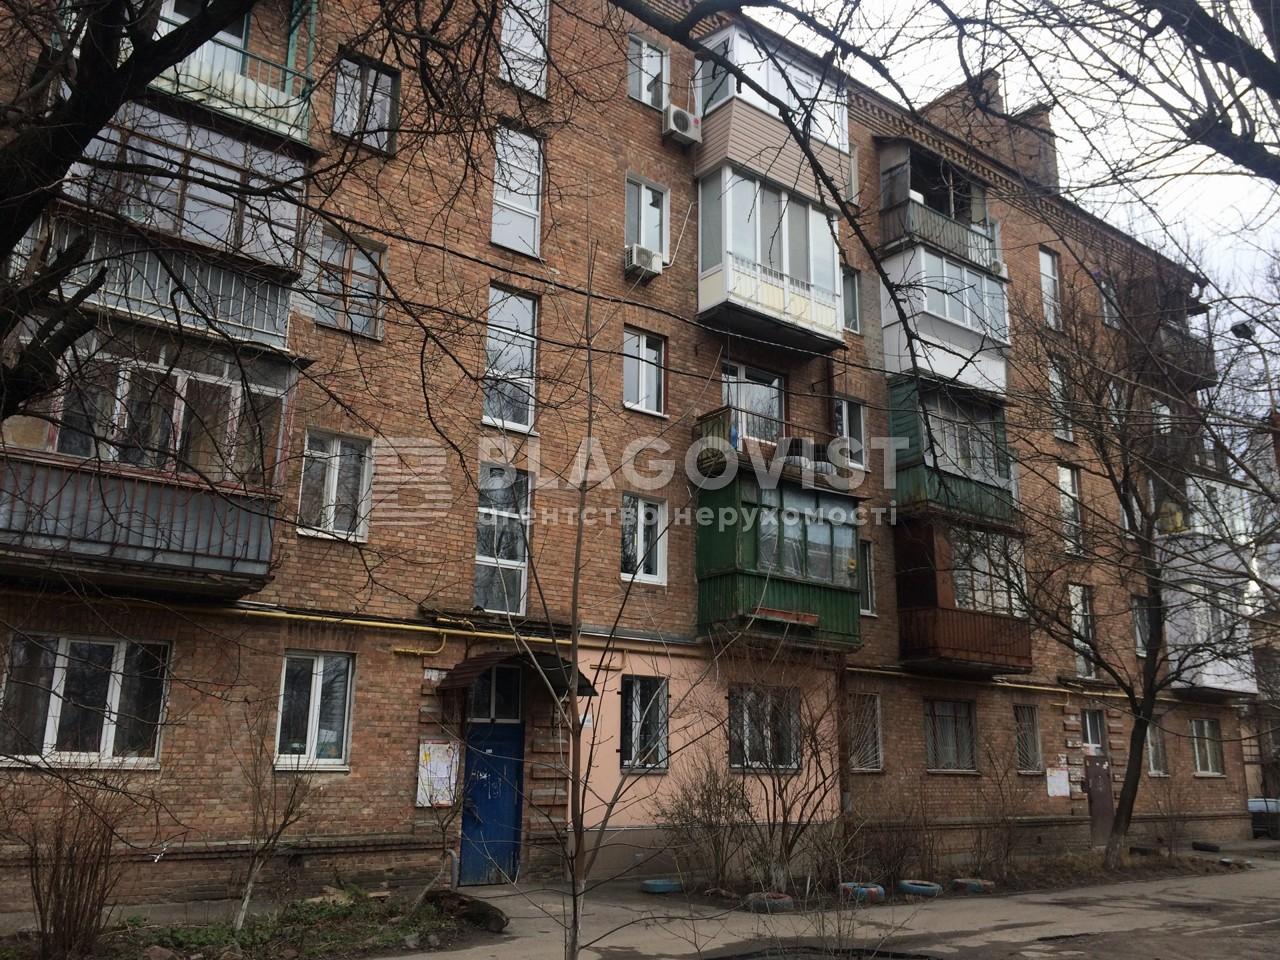 Квартира A-110955, Волгоградська, 6, Київ - Фото 2